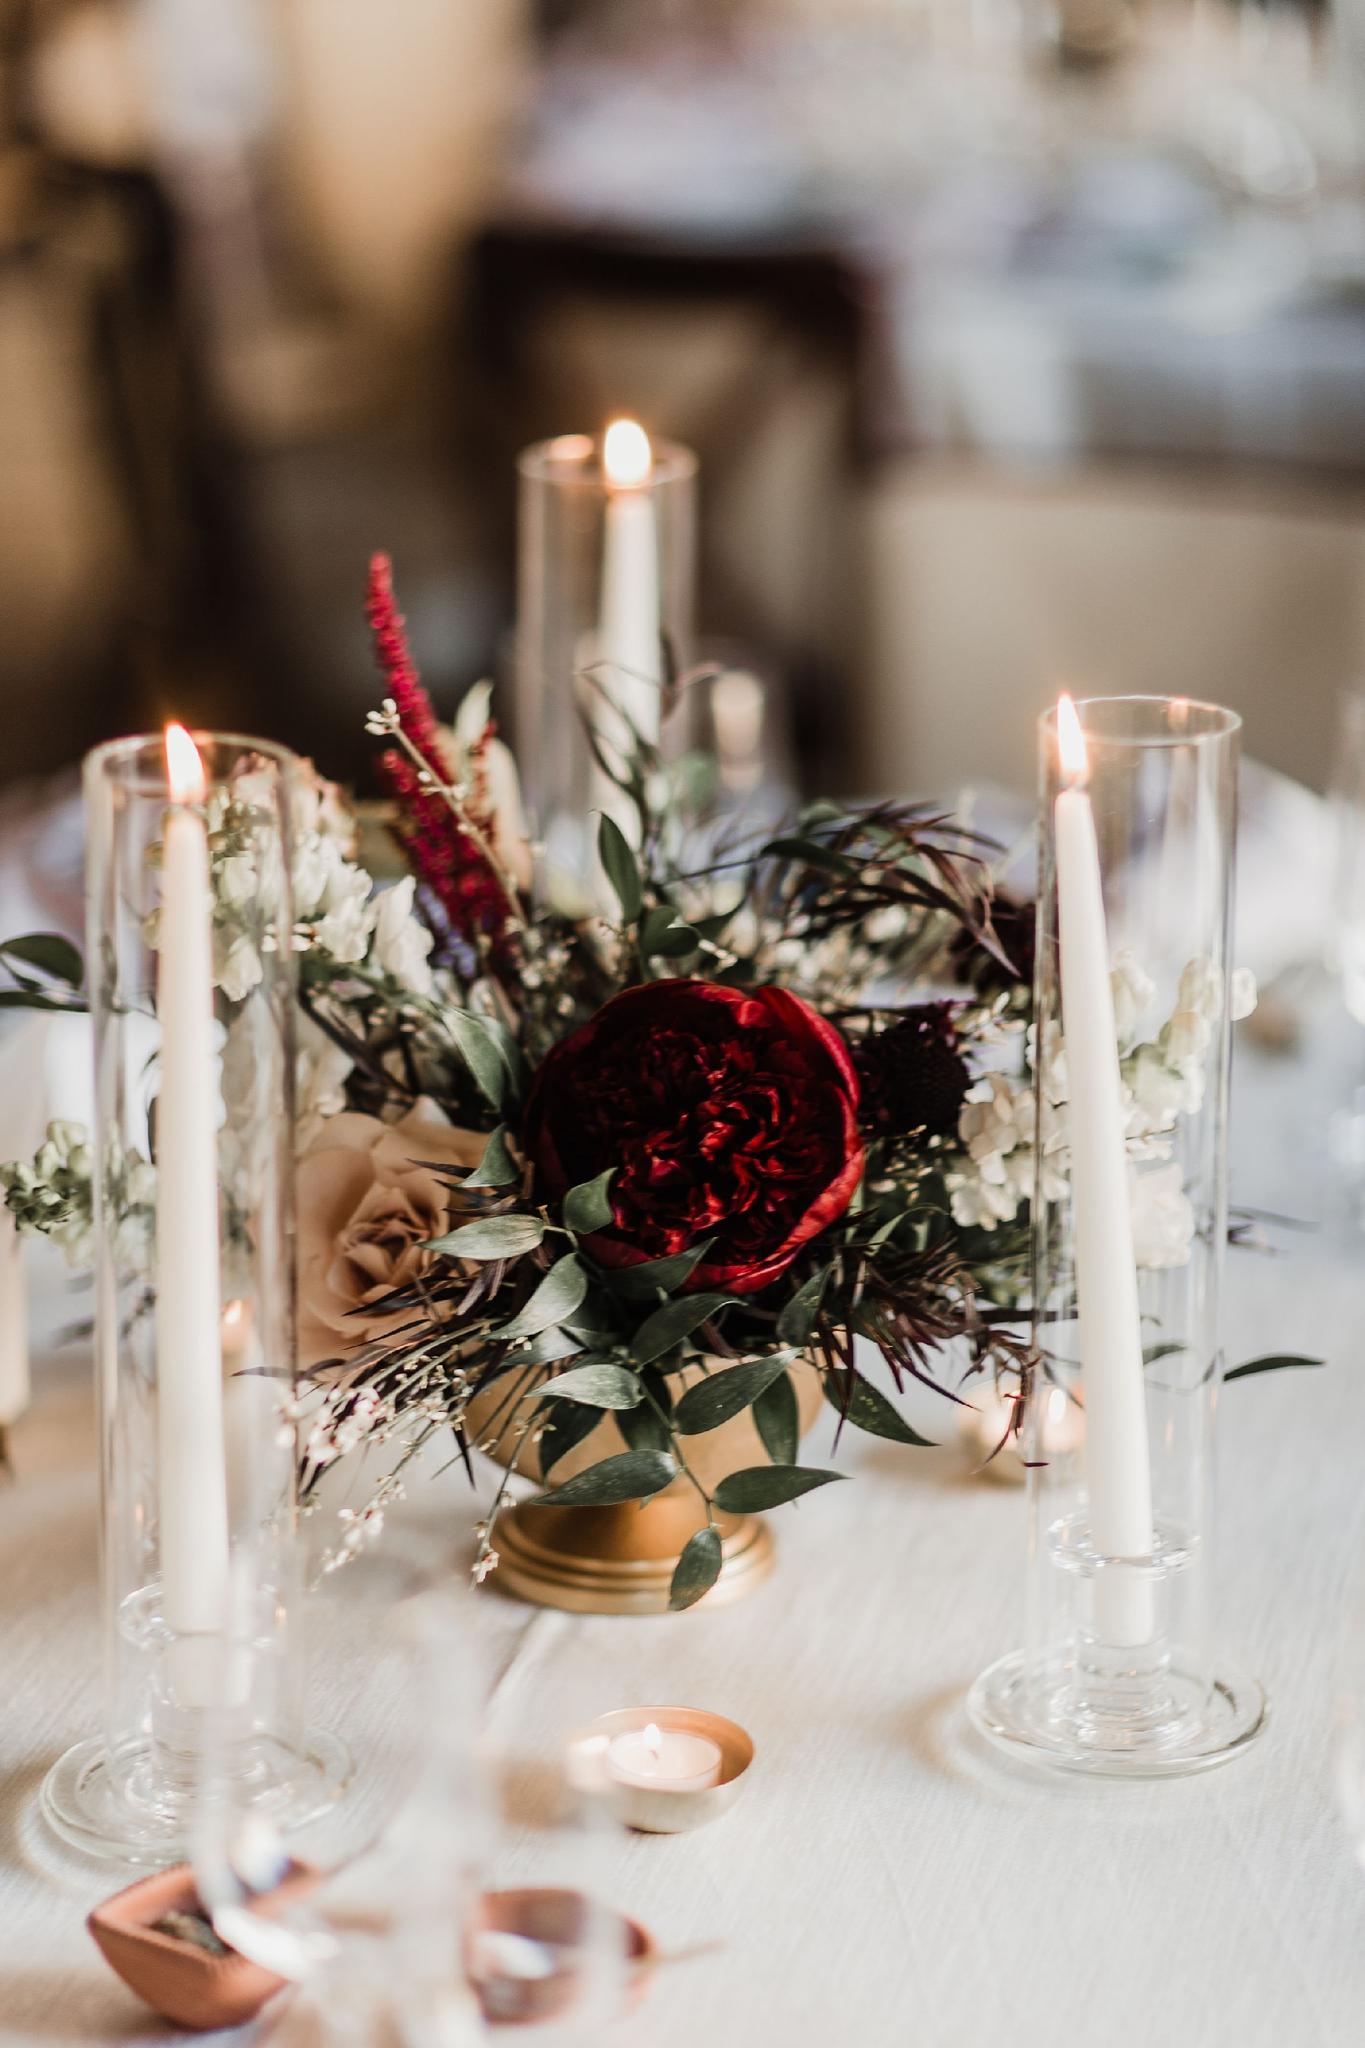 Alicia+lucia+photography+-+albuquerque+wedding+photographer+-+santa+fe+wedding+photography+-+new+mexico+wedding+photographer+-+new+mexico+wedding+-+santa+fe+wedding+-+four+seasons+wedding+-+winter+wedding_0110.jpg